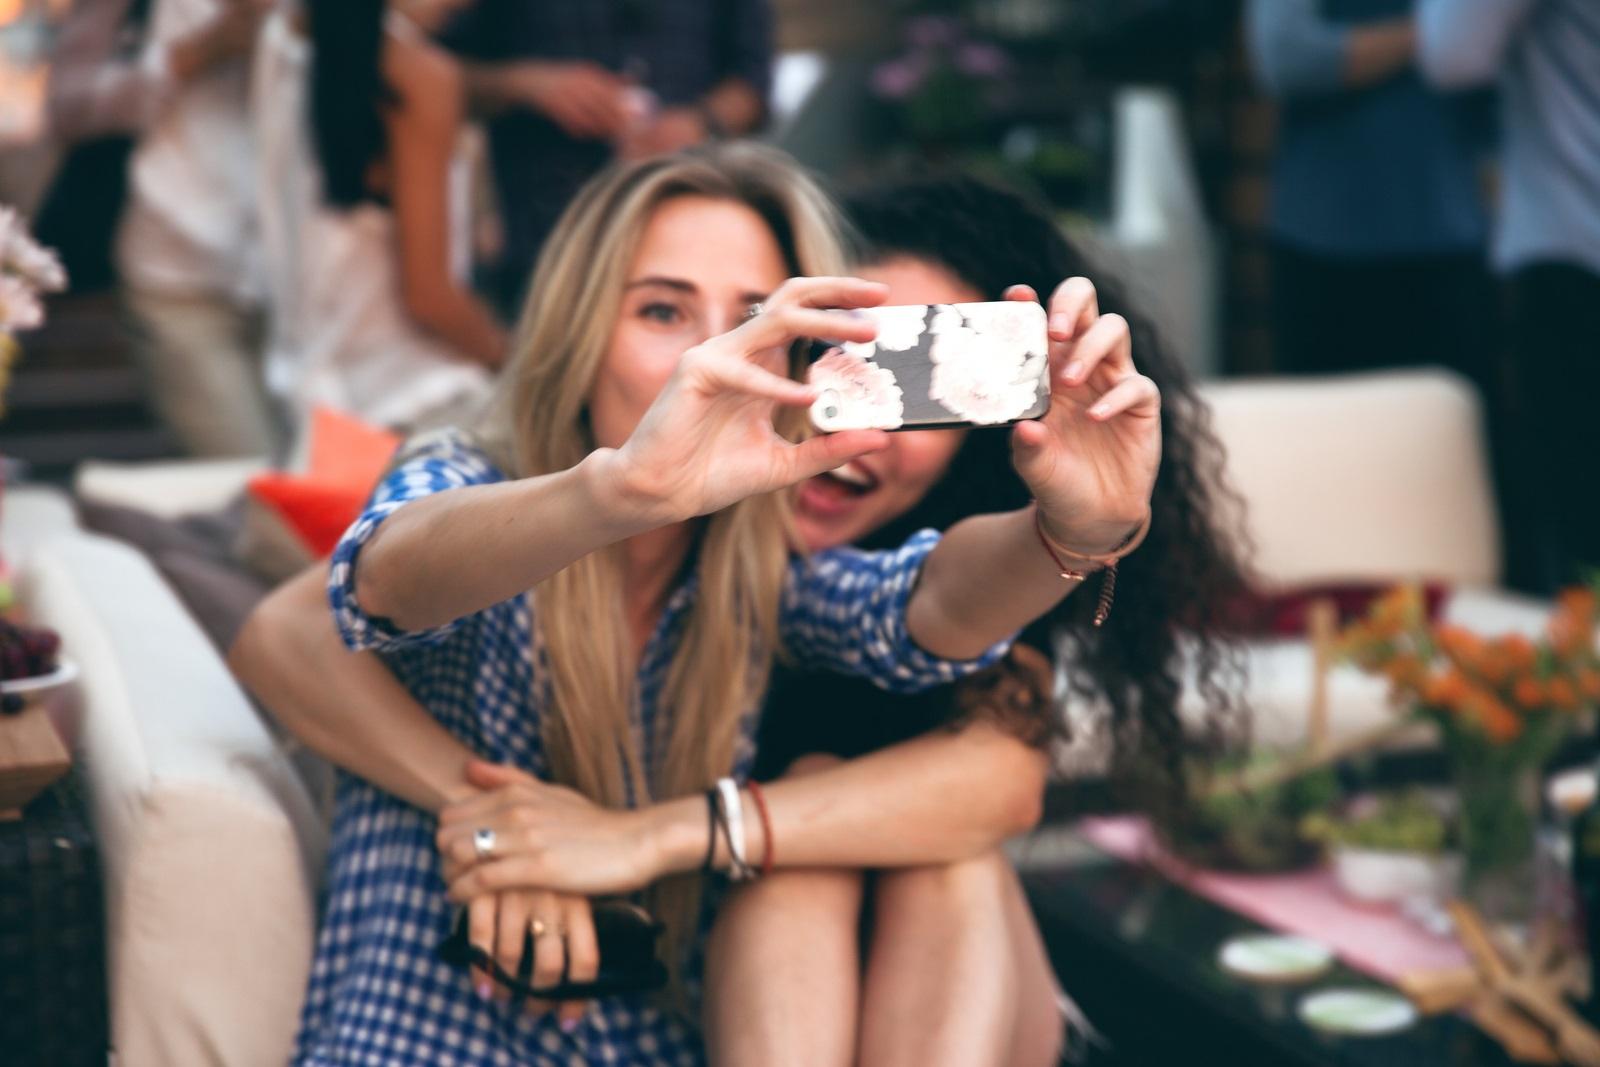 selfie in action